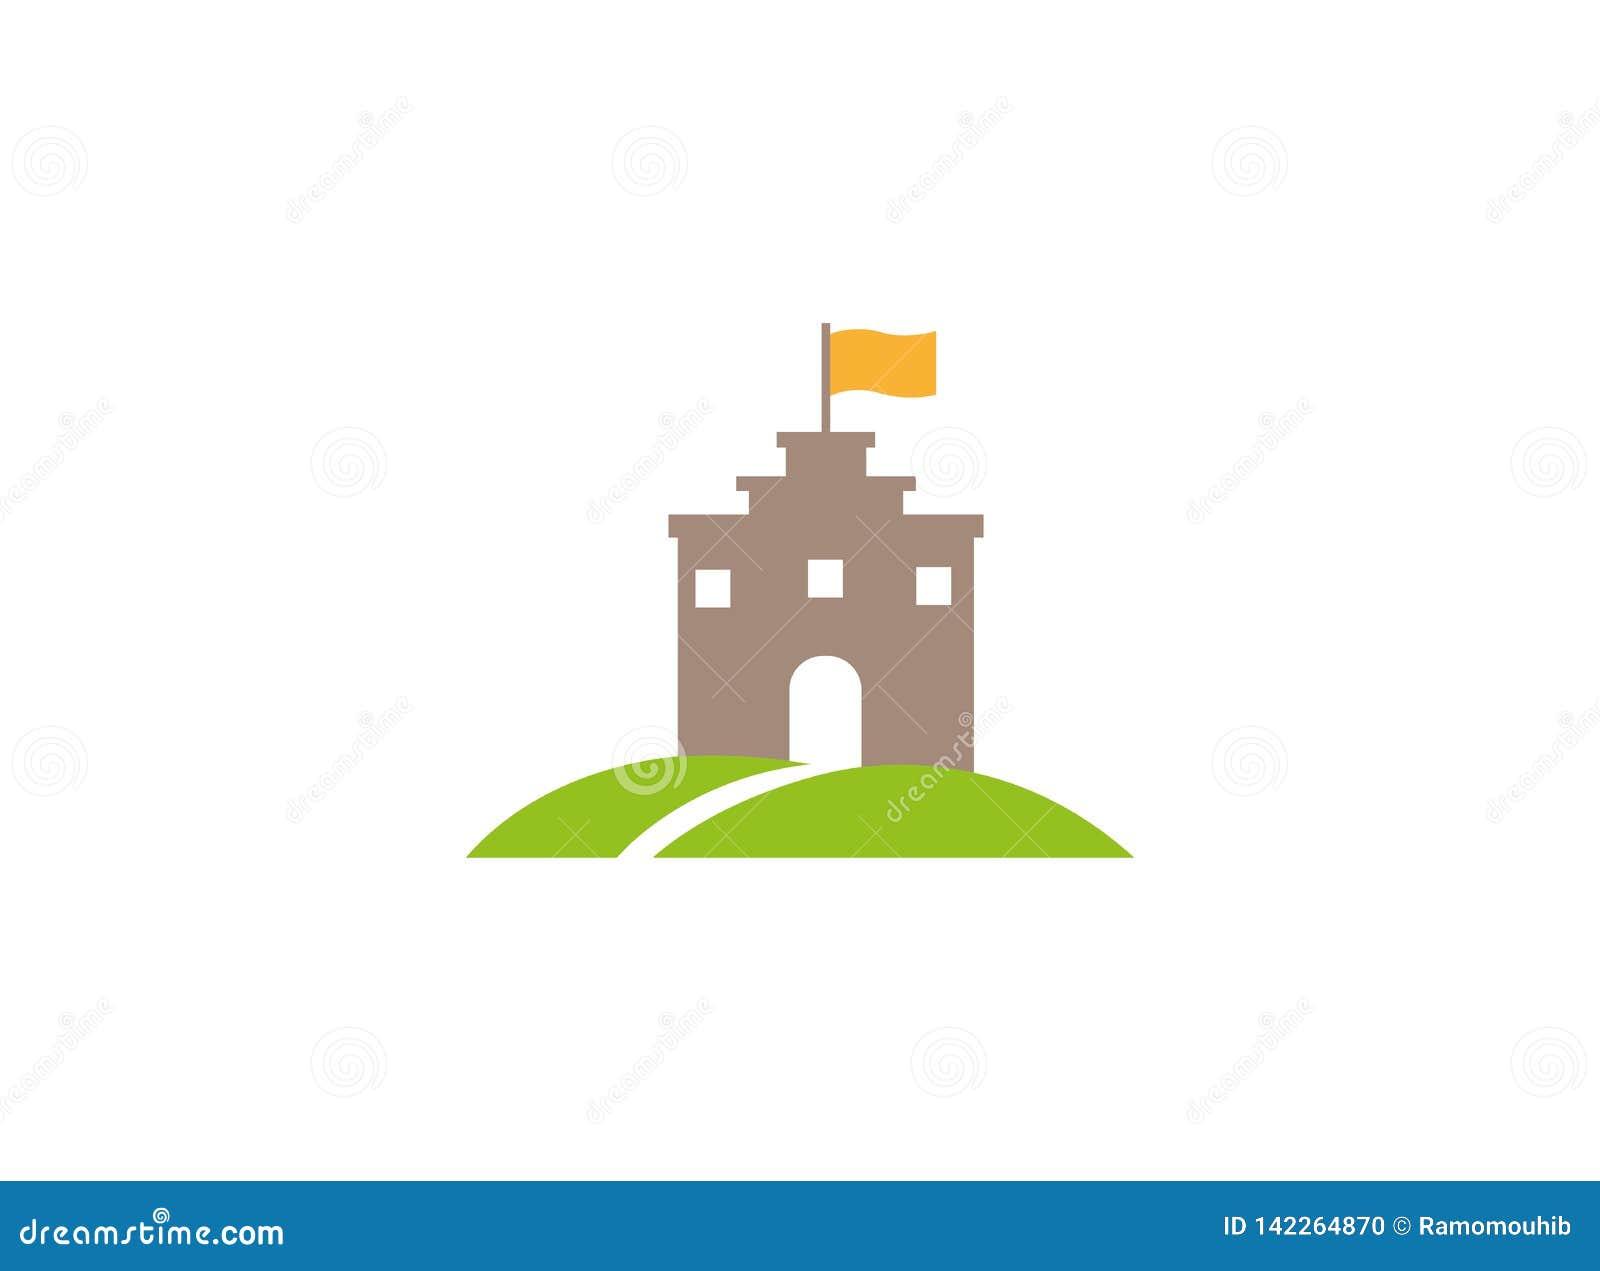 Старая башня замка в зеленом плато с флагом на верхней части и дорога к большой двери и окна для дизайна логотипа